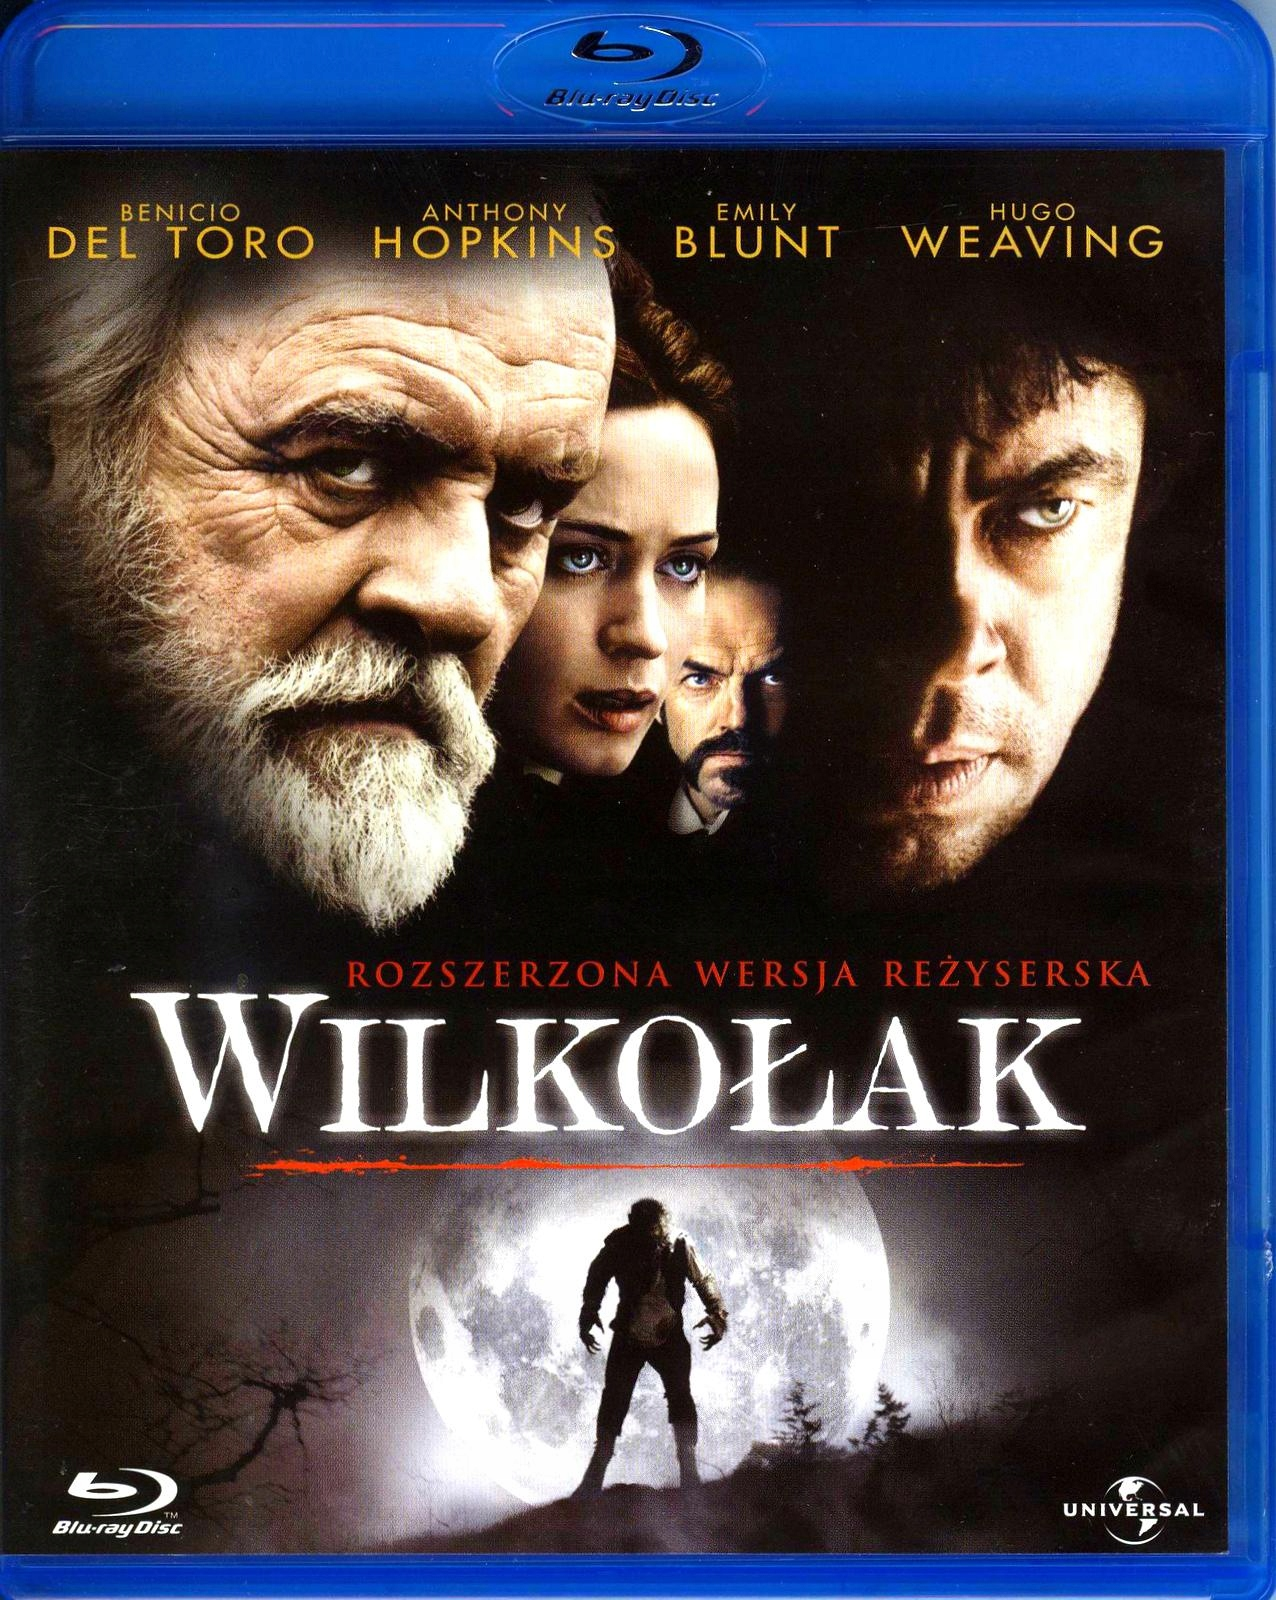 WILKOŁAK /2010/ BLU RAY